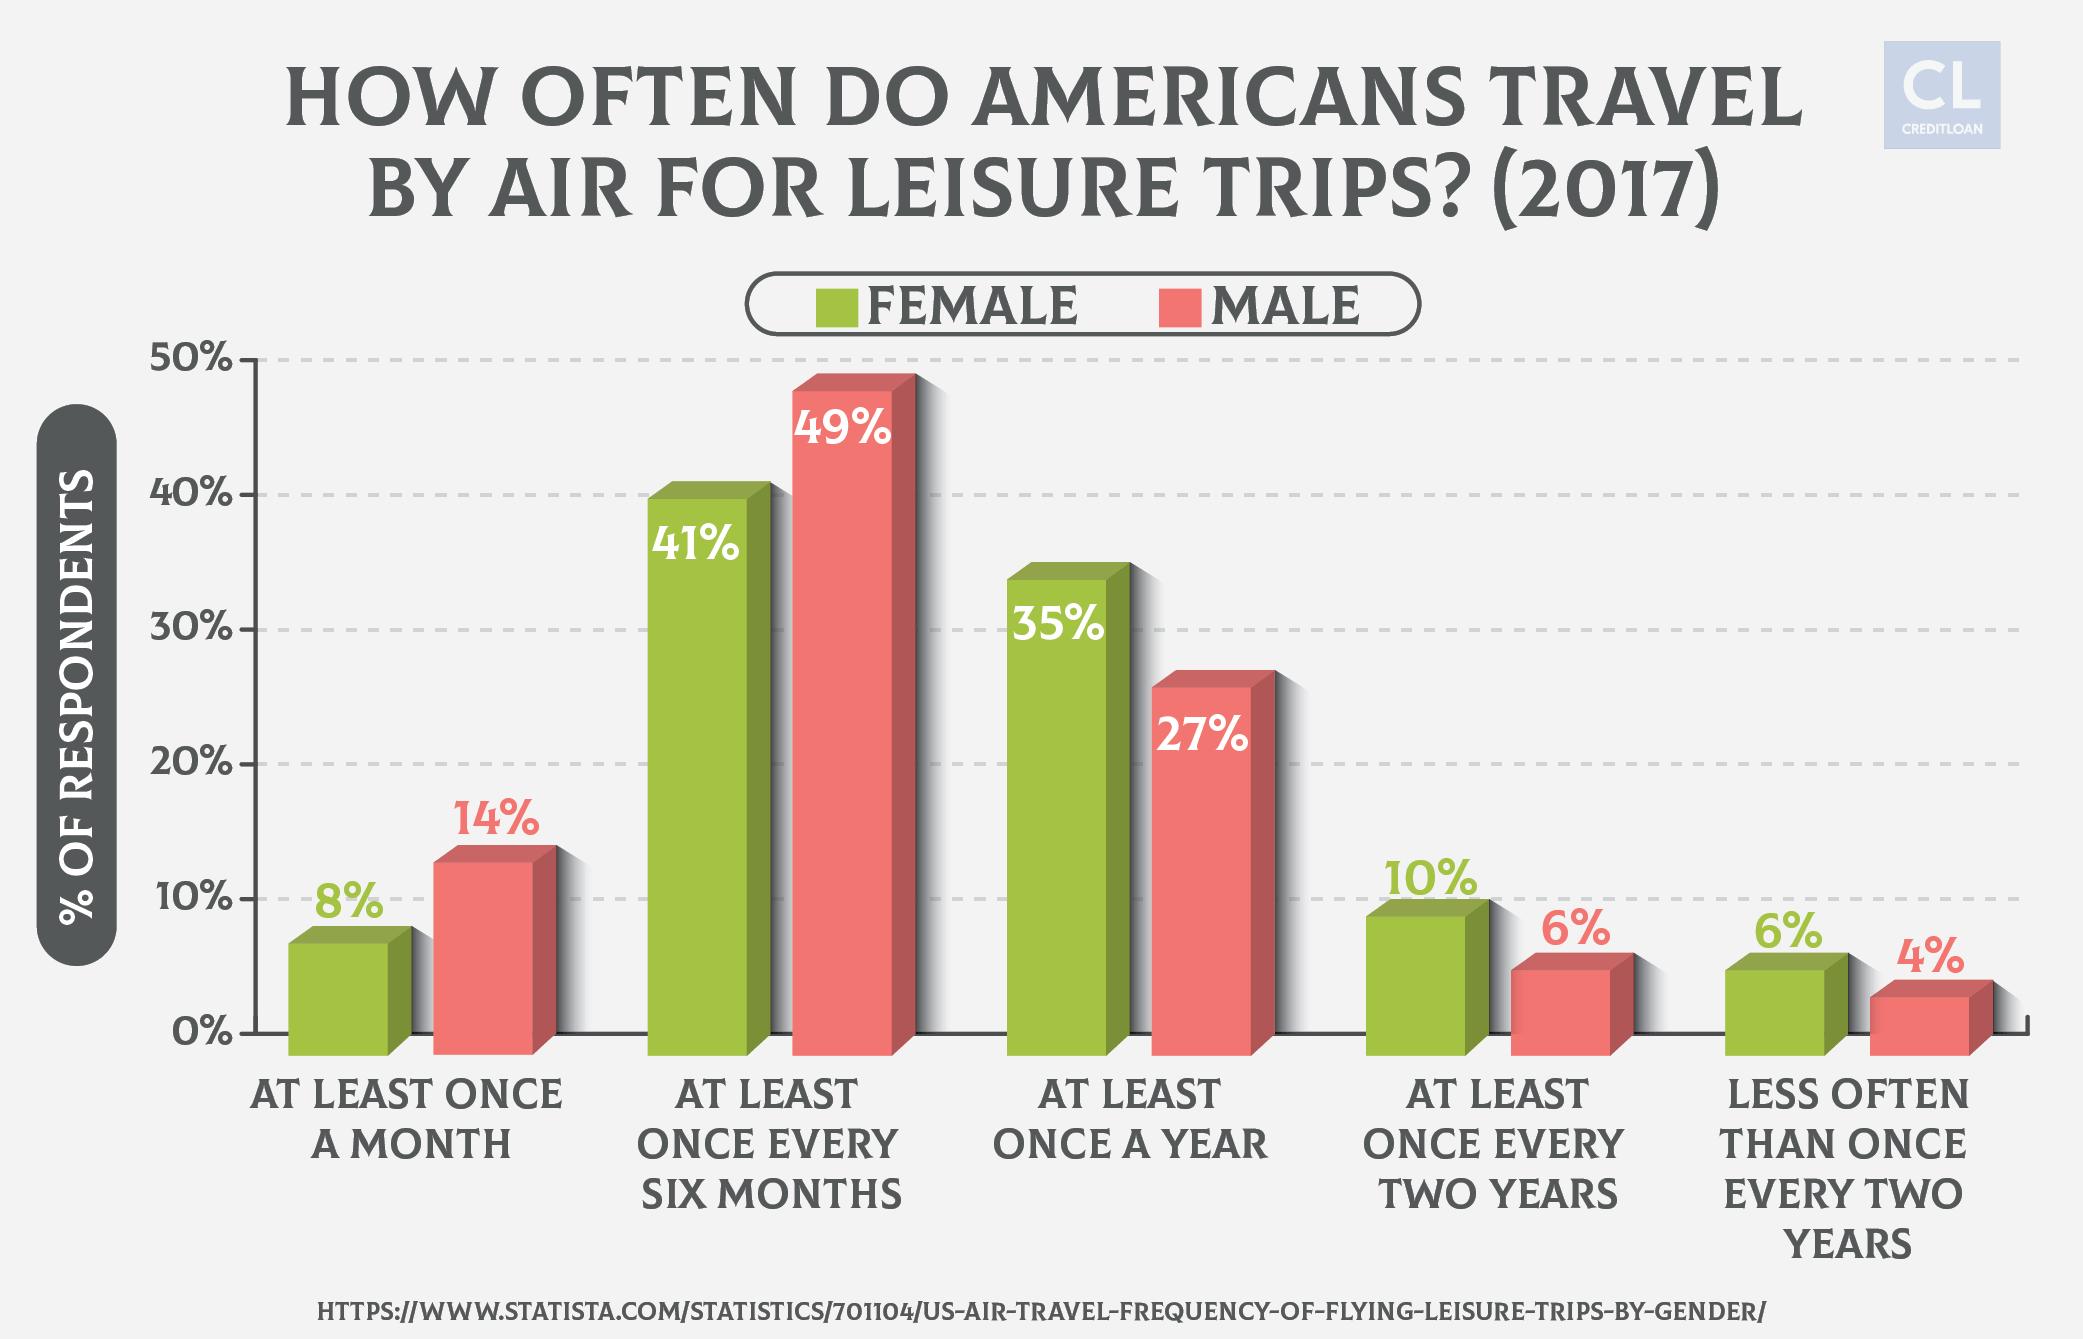 U.S. leisure trips by gender 2017